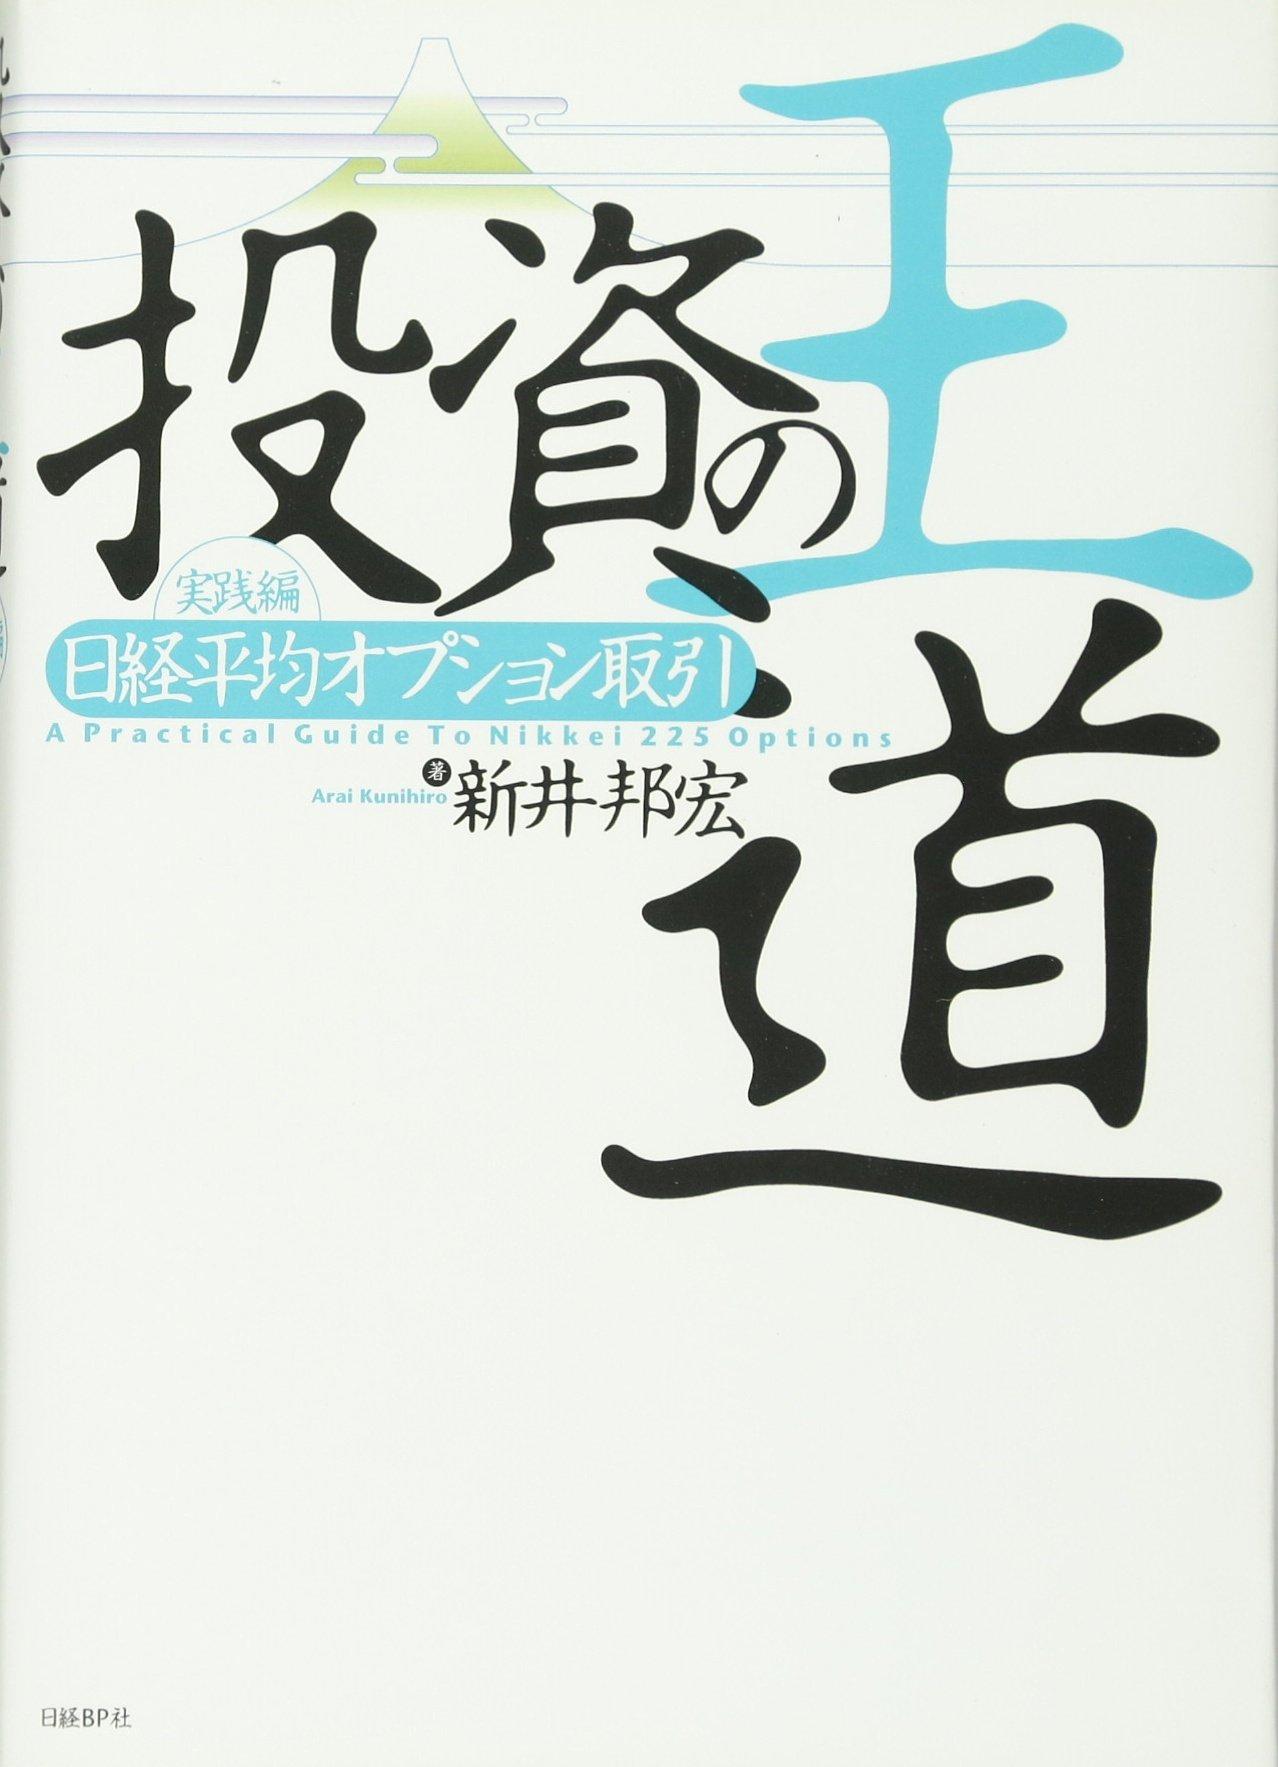 Tōshi no ōdō. jissen(nikkeiheikin'opushontorihiki). PDF